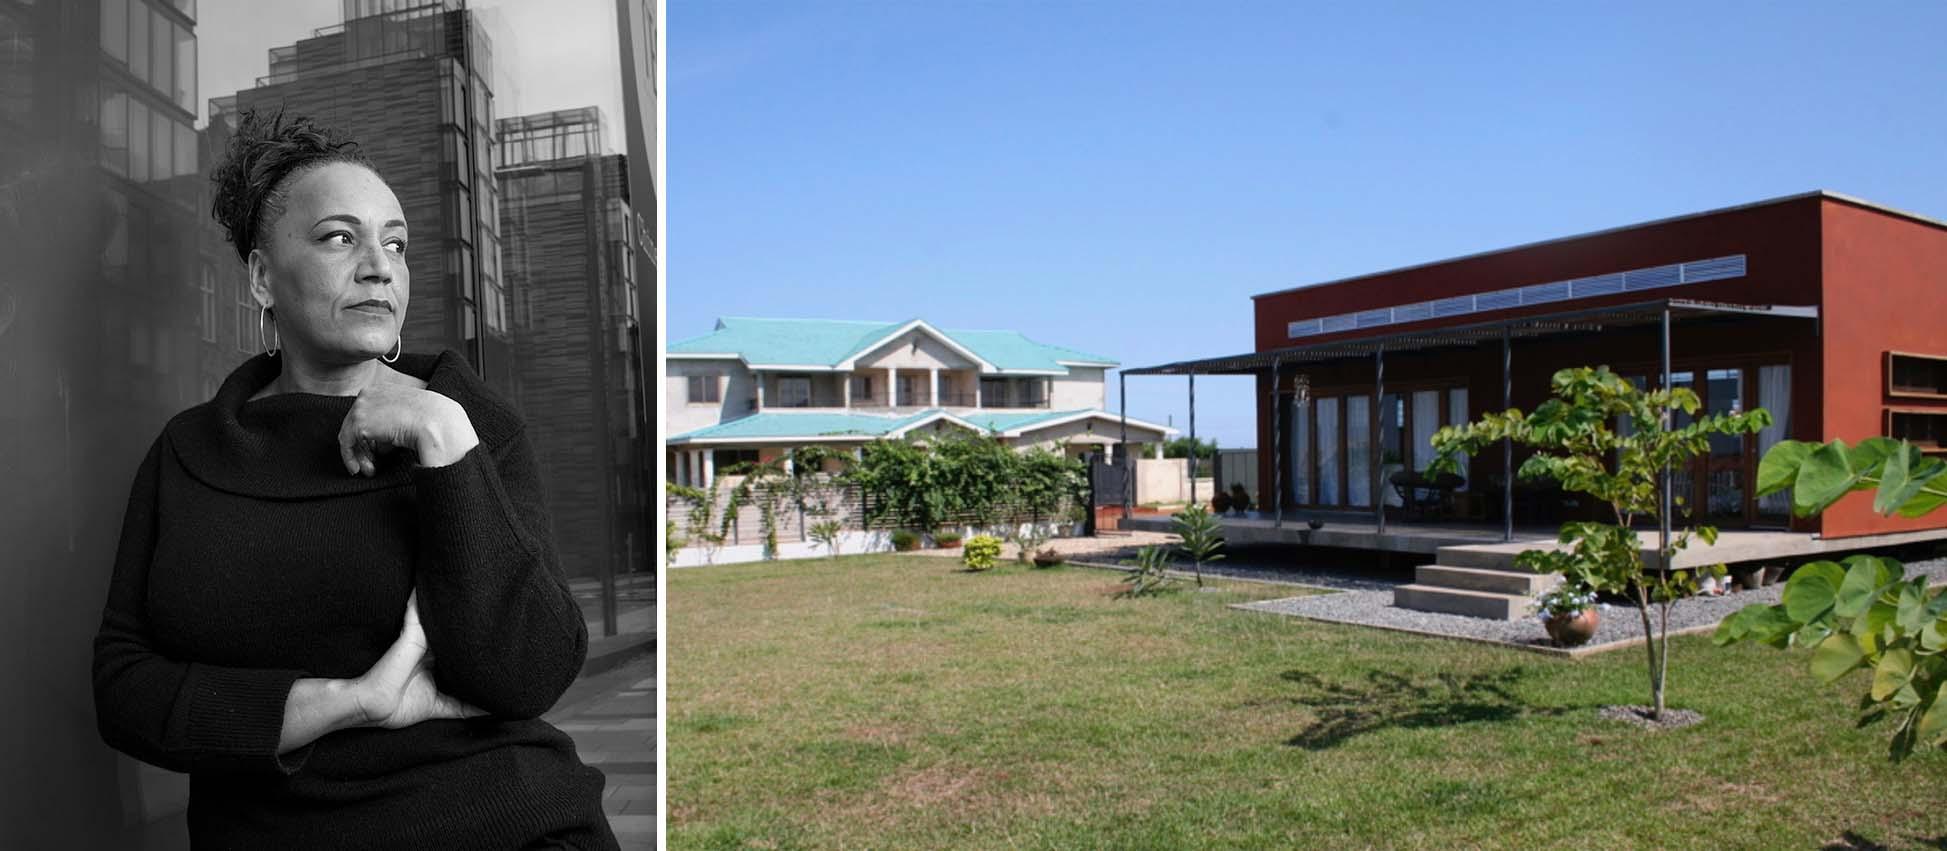 Trái: Lesley Lokko, hình ảnh: Architizer; Phải: Ngôi nhà Lokko, Ghana, hình ảnh: Global Voices